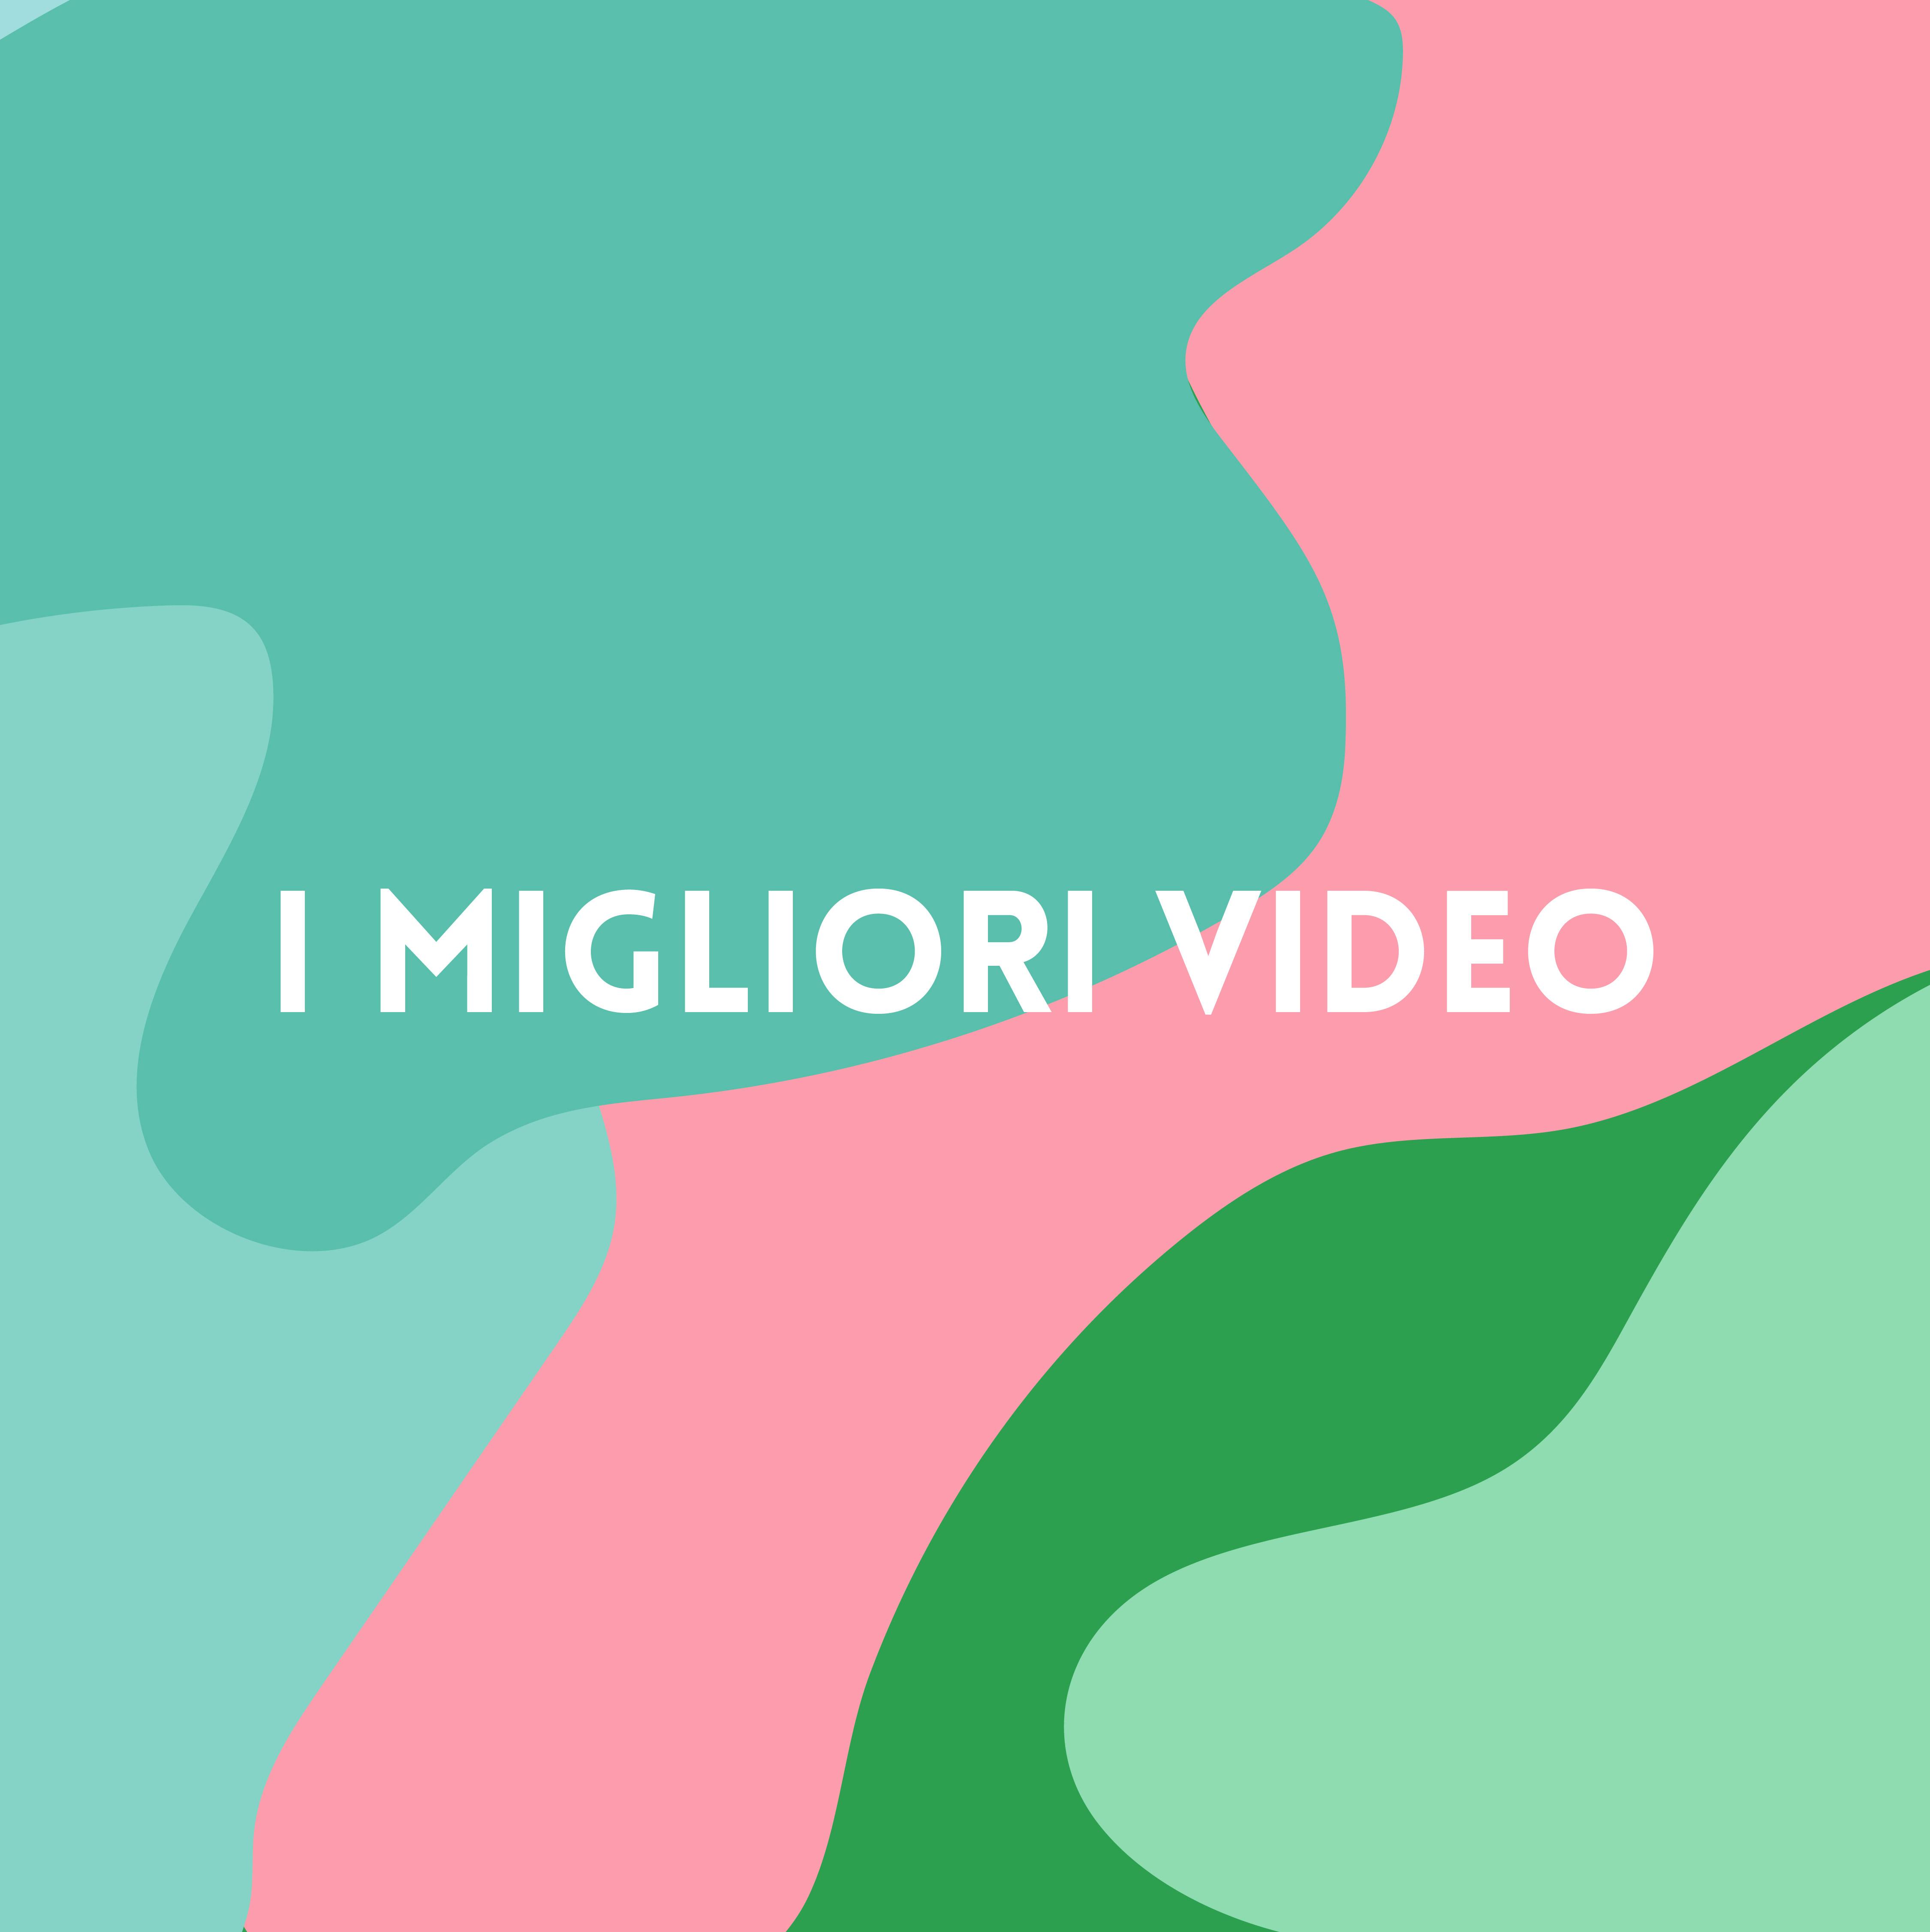 i migliori video del 2018